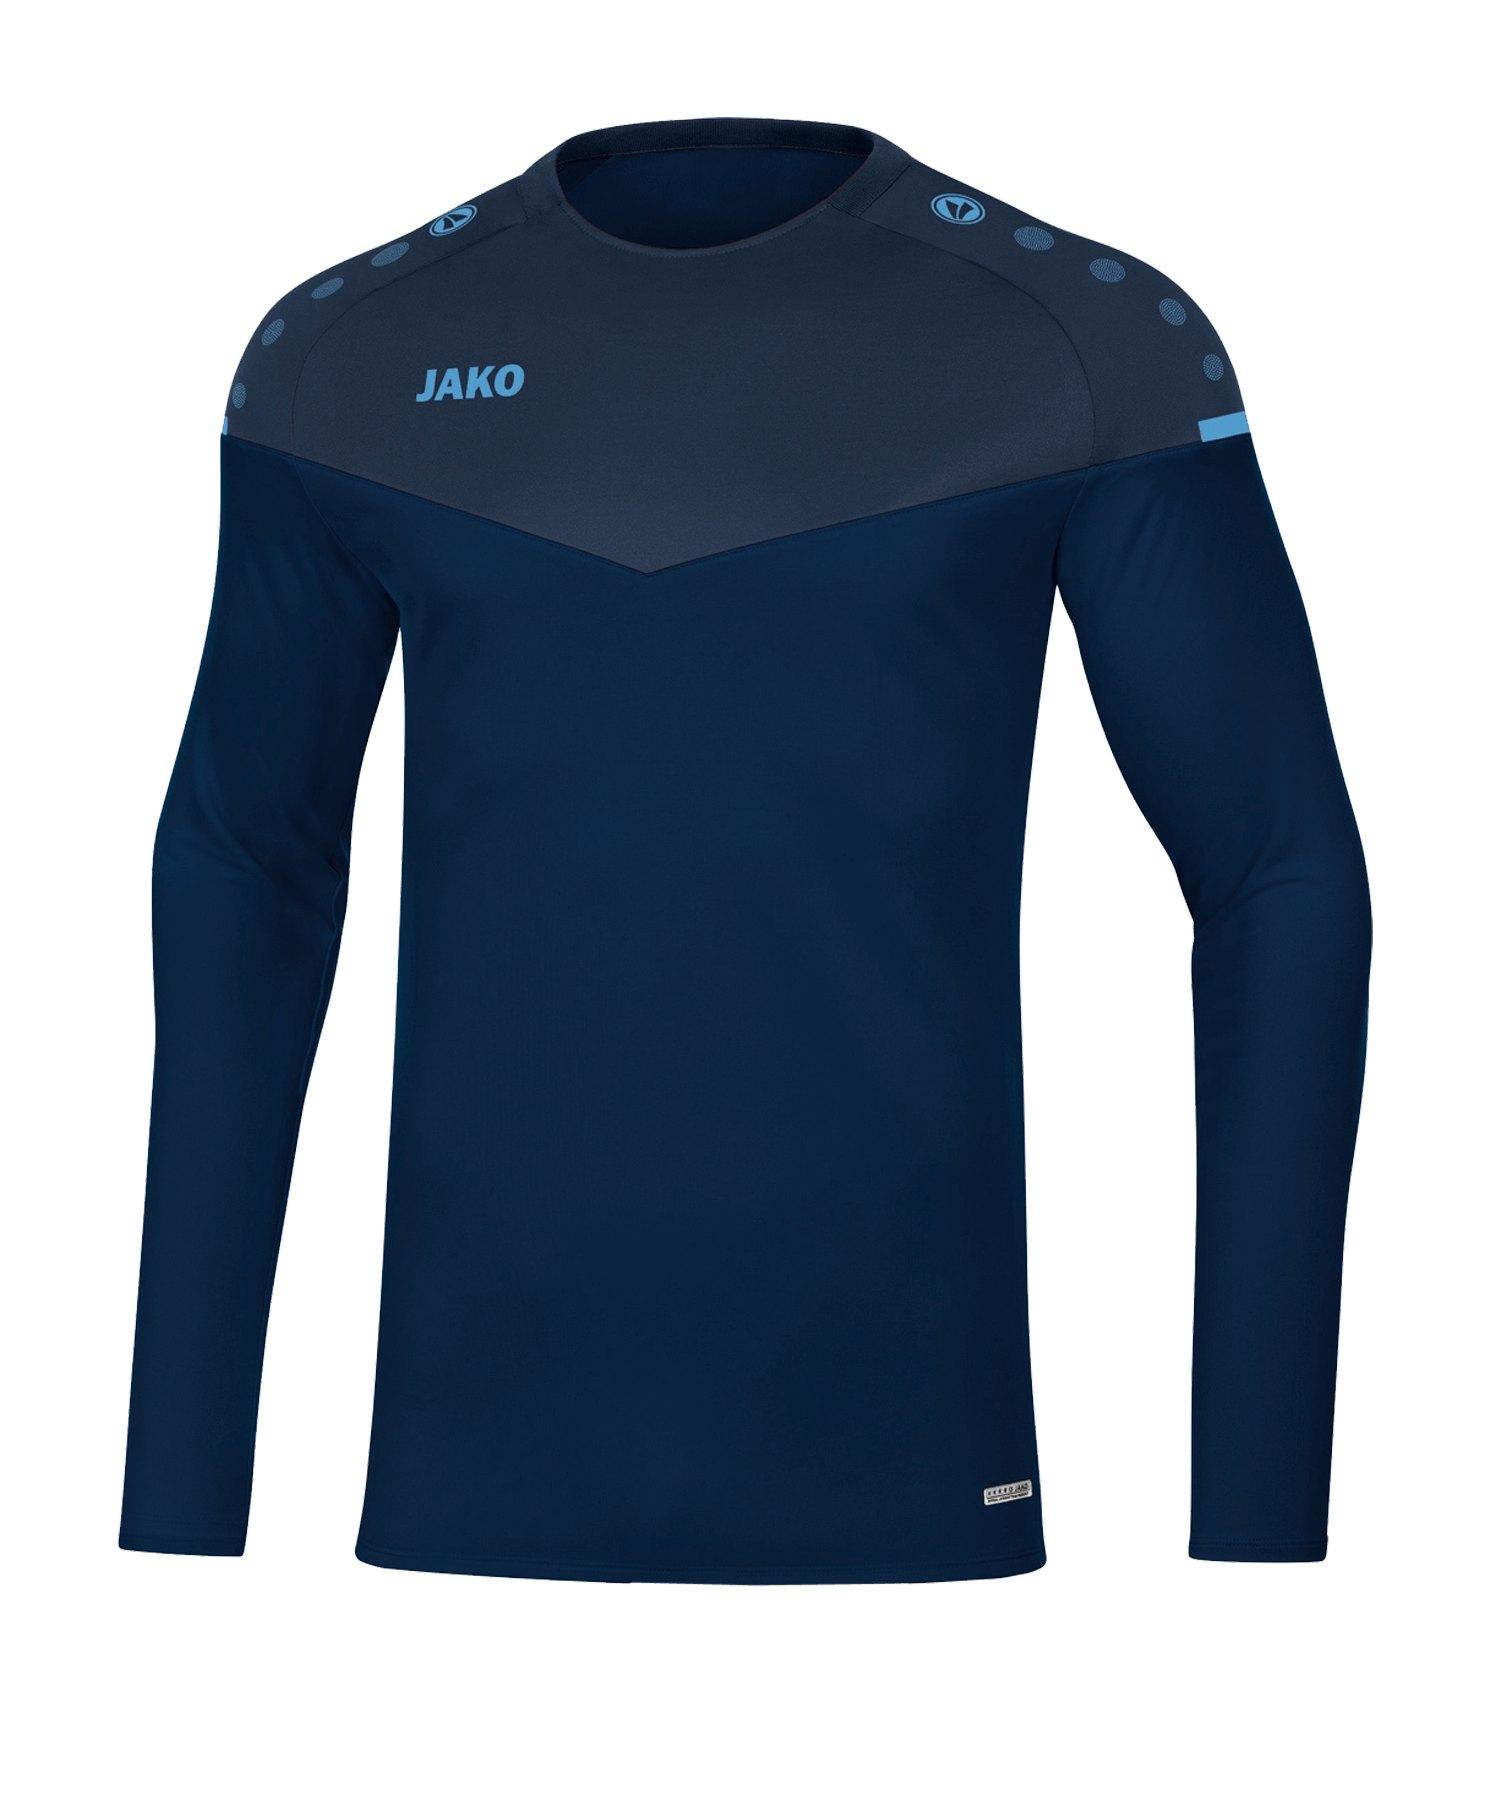 Jako Champ 2.0 Sweatshirt Kids Blau F95 - blau